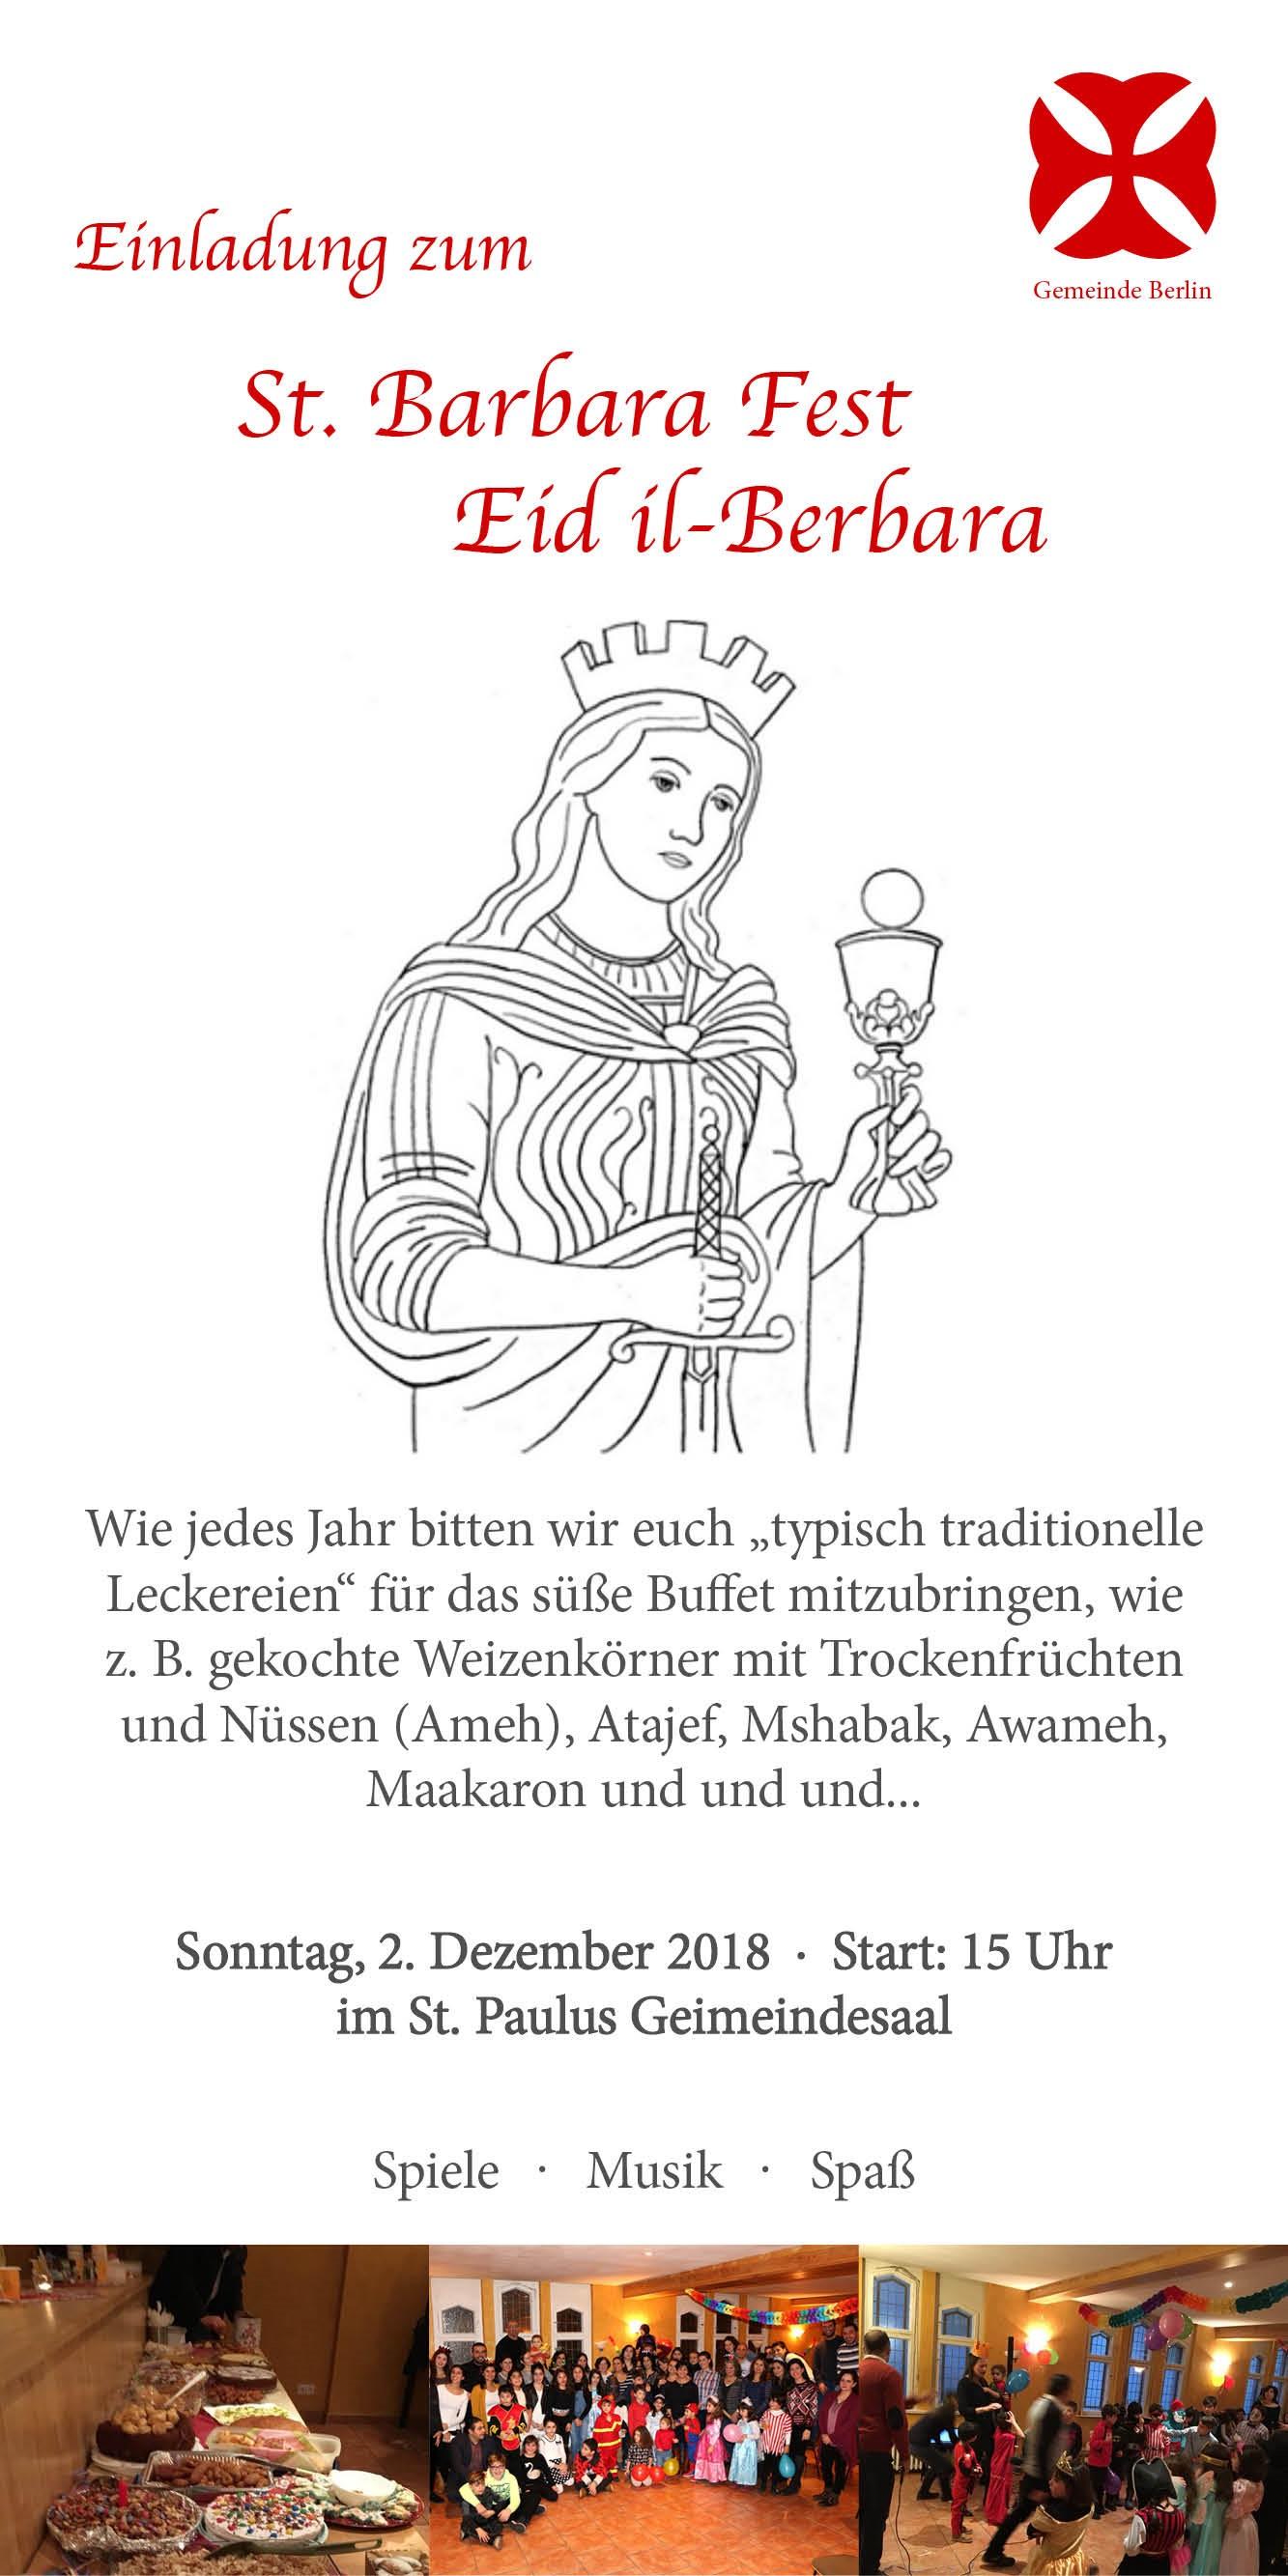 Einladung zum St. Barbara Fest – Gemeinde Berlin